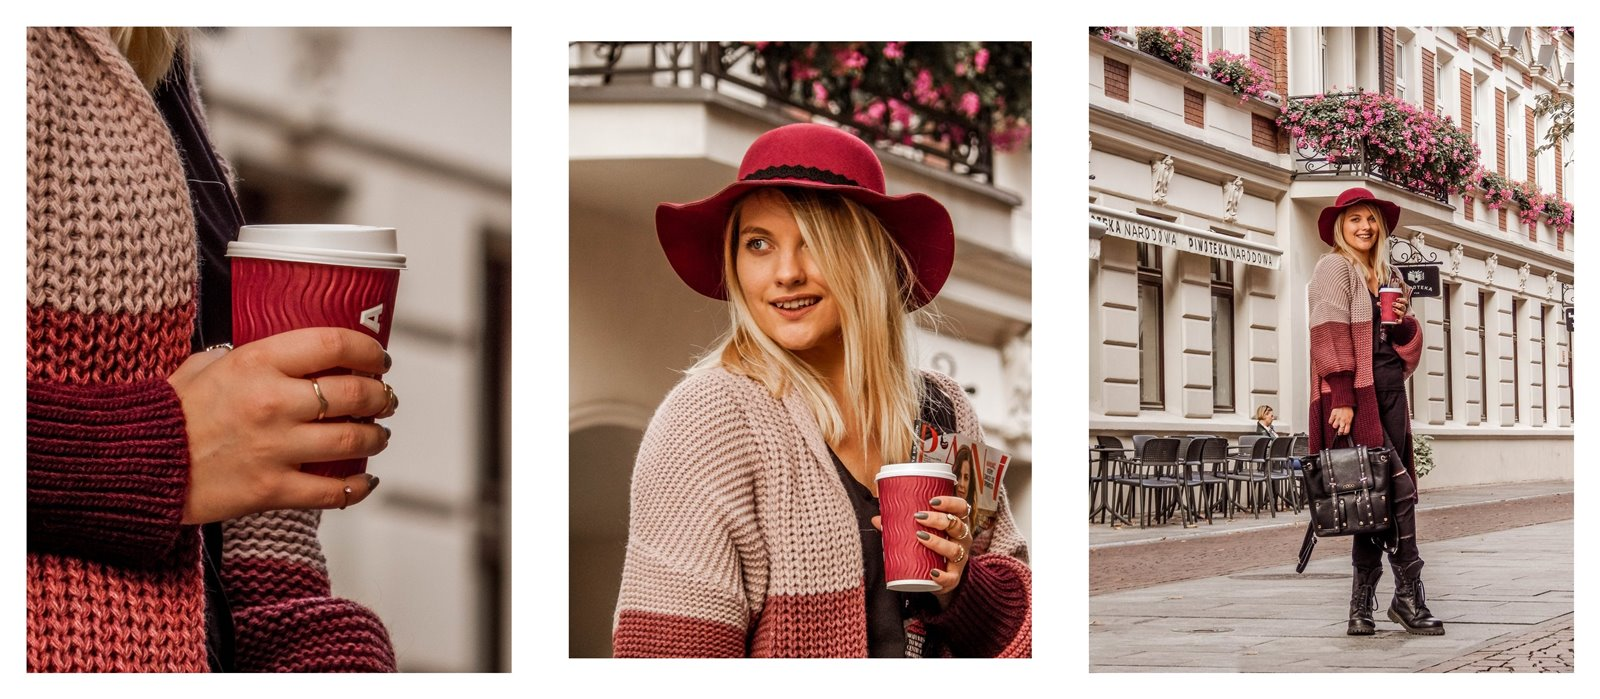 2a kardigan sweter w paski czerwony kapelusz bordowy sweter długi czarne spodnie z dziurami miejski street style styl outfit moda inspiracje pomysły łódź fotografia blog influencer modowe blogerki lifestyle podróż